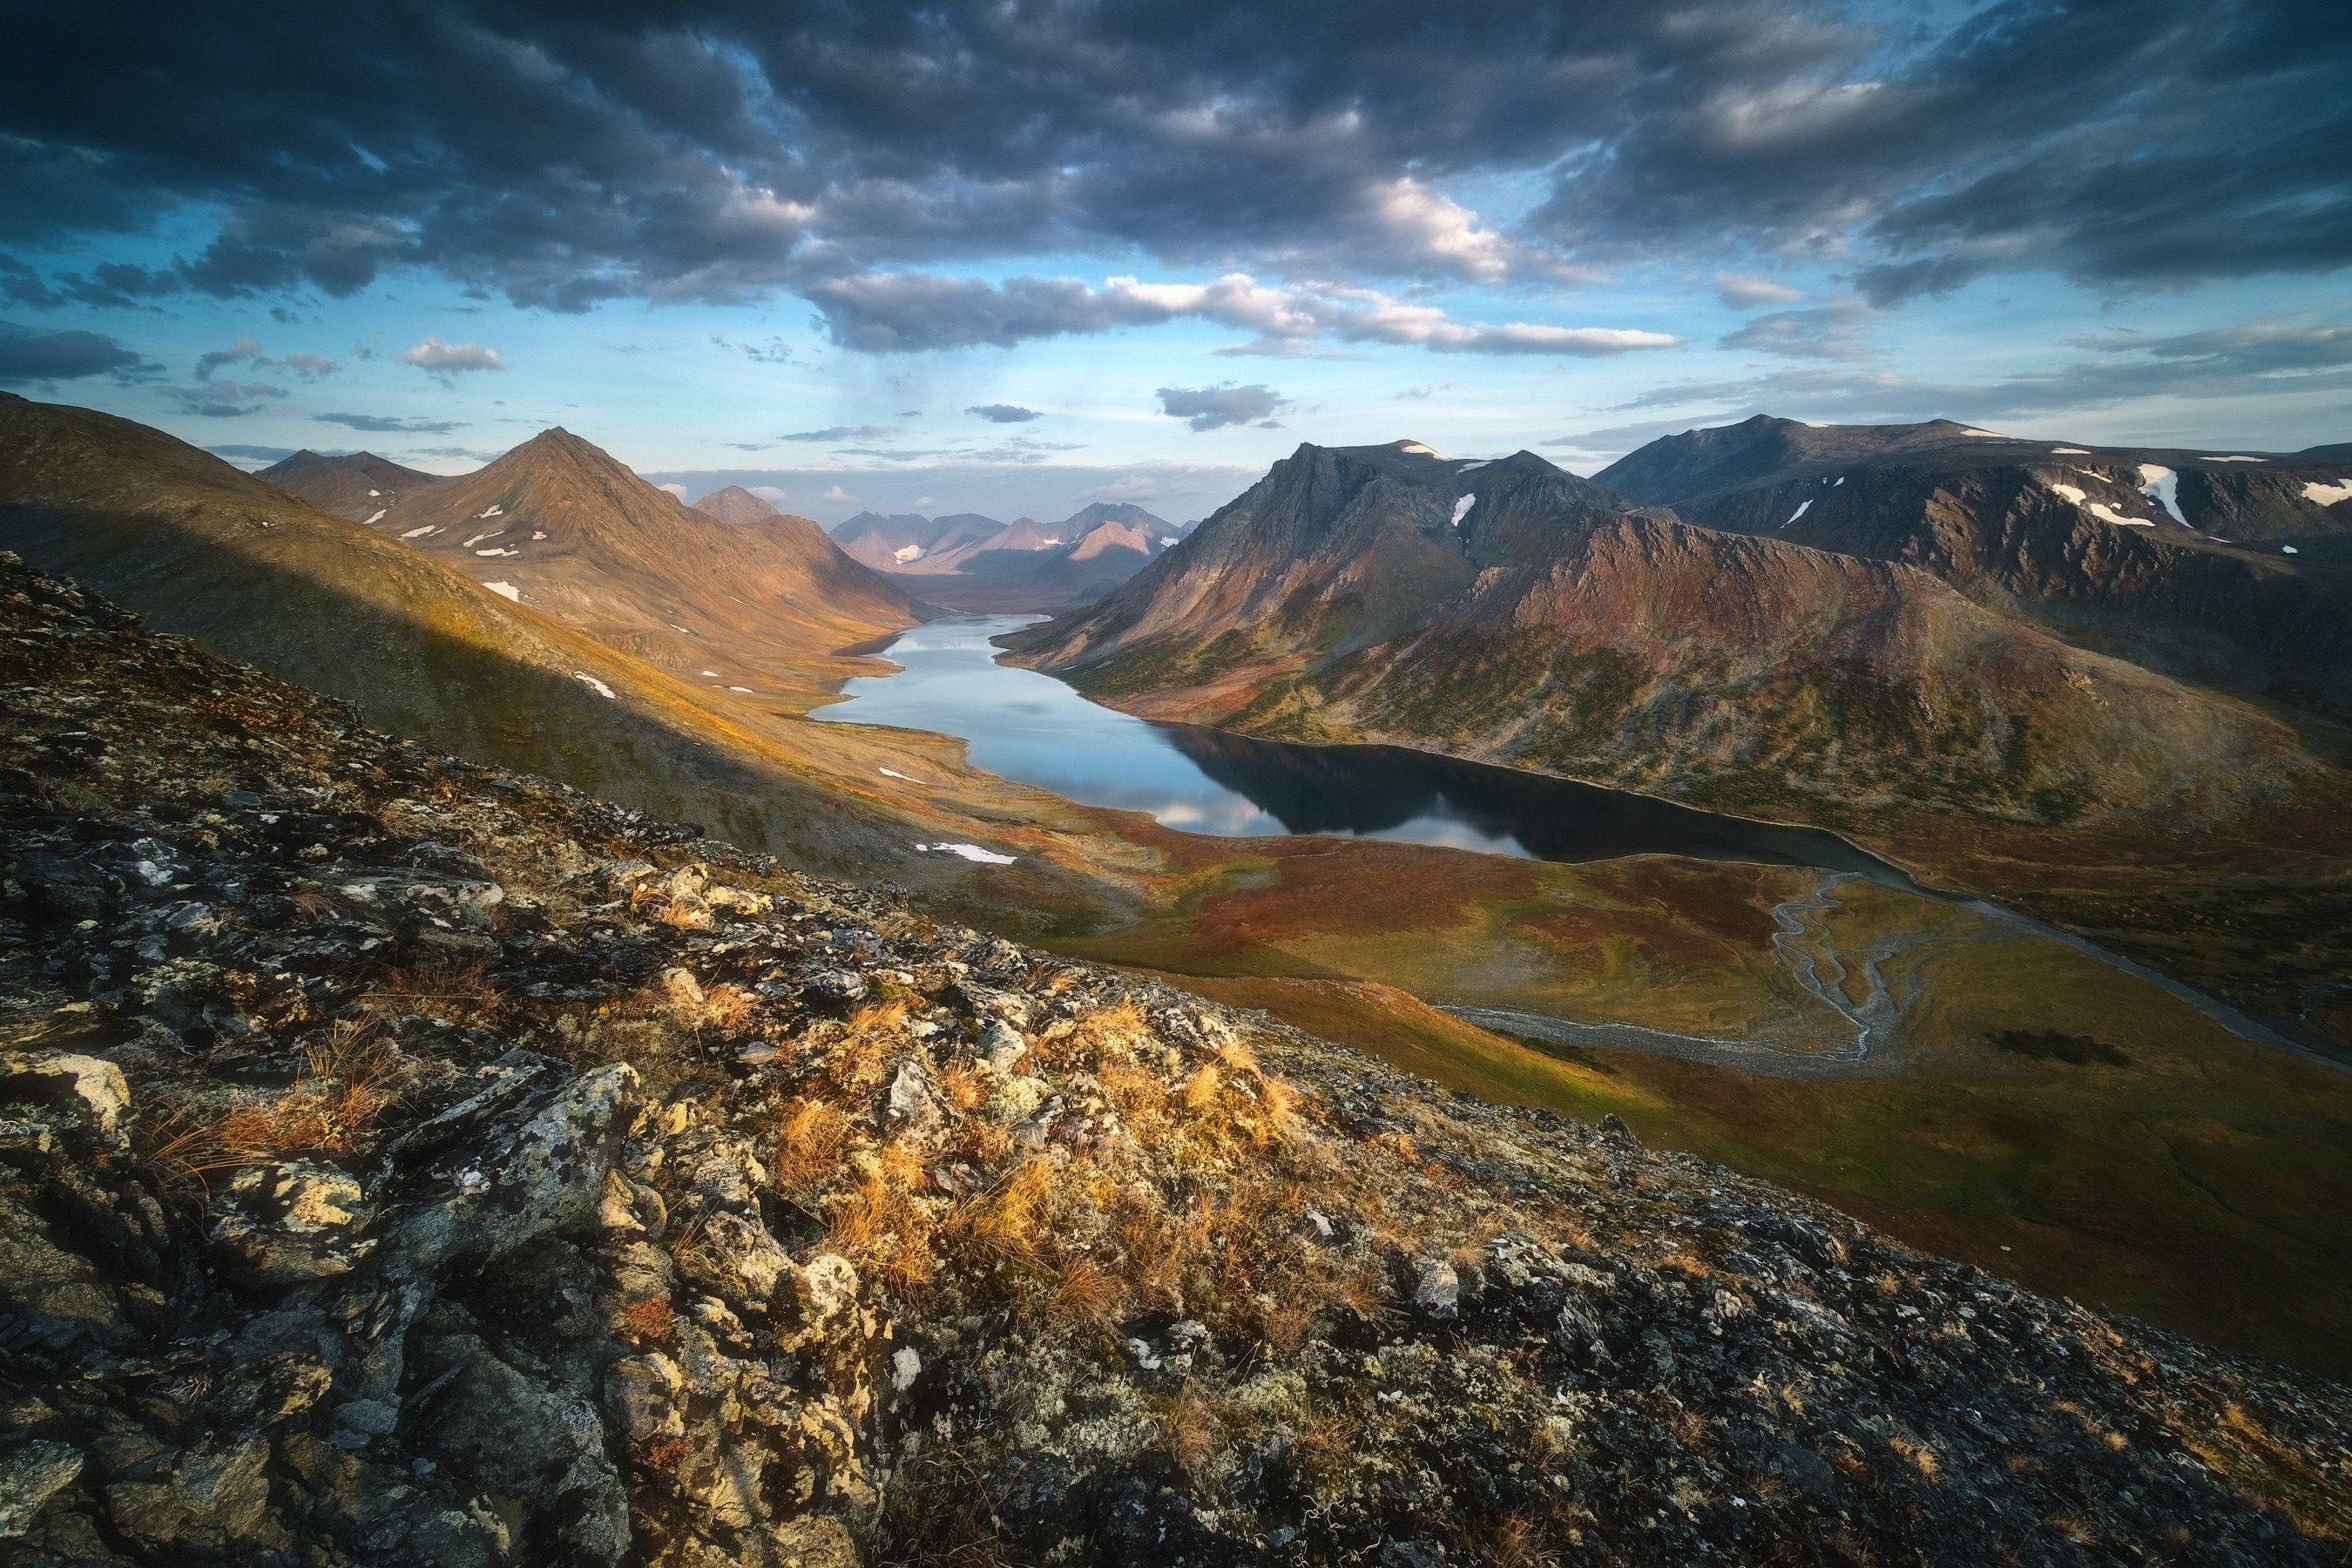 россия, урал, полярный урал, ямао, ямало-ненецкий автономный округ, салехард, горы, осень, природа, пейзаж, рассвет, отражение, озеро, тундра, лесотундра, Оборотов Алексей